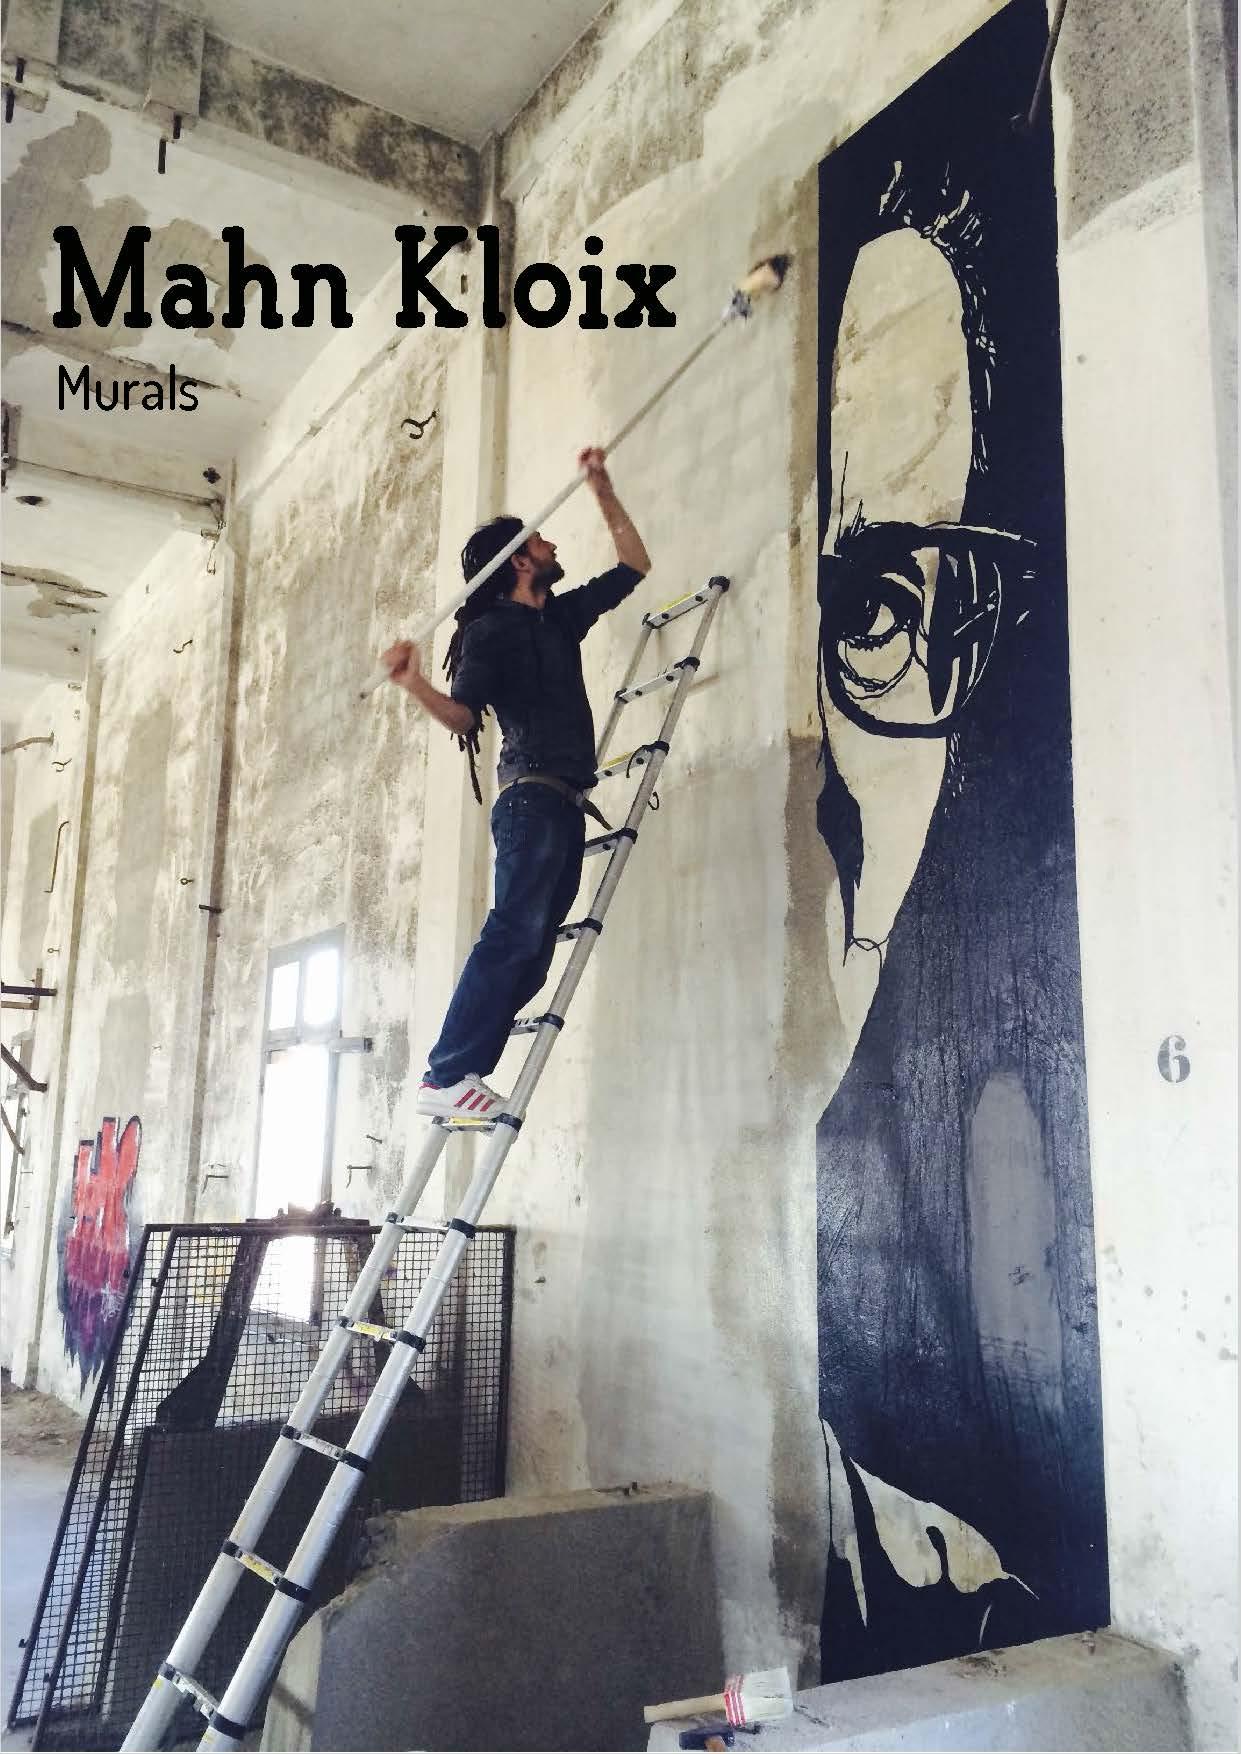 Mahn-Kloix_Murals